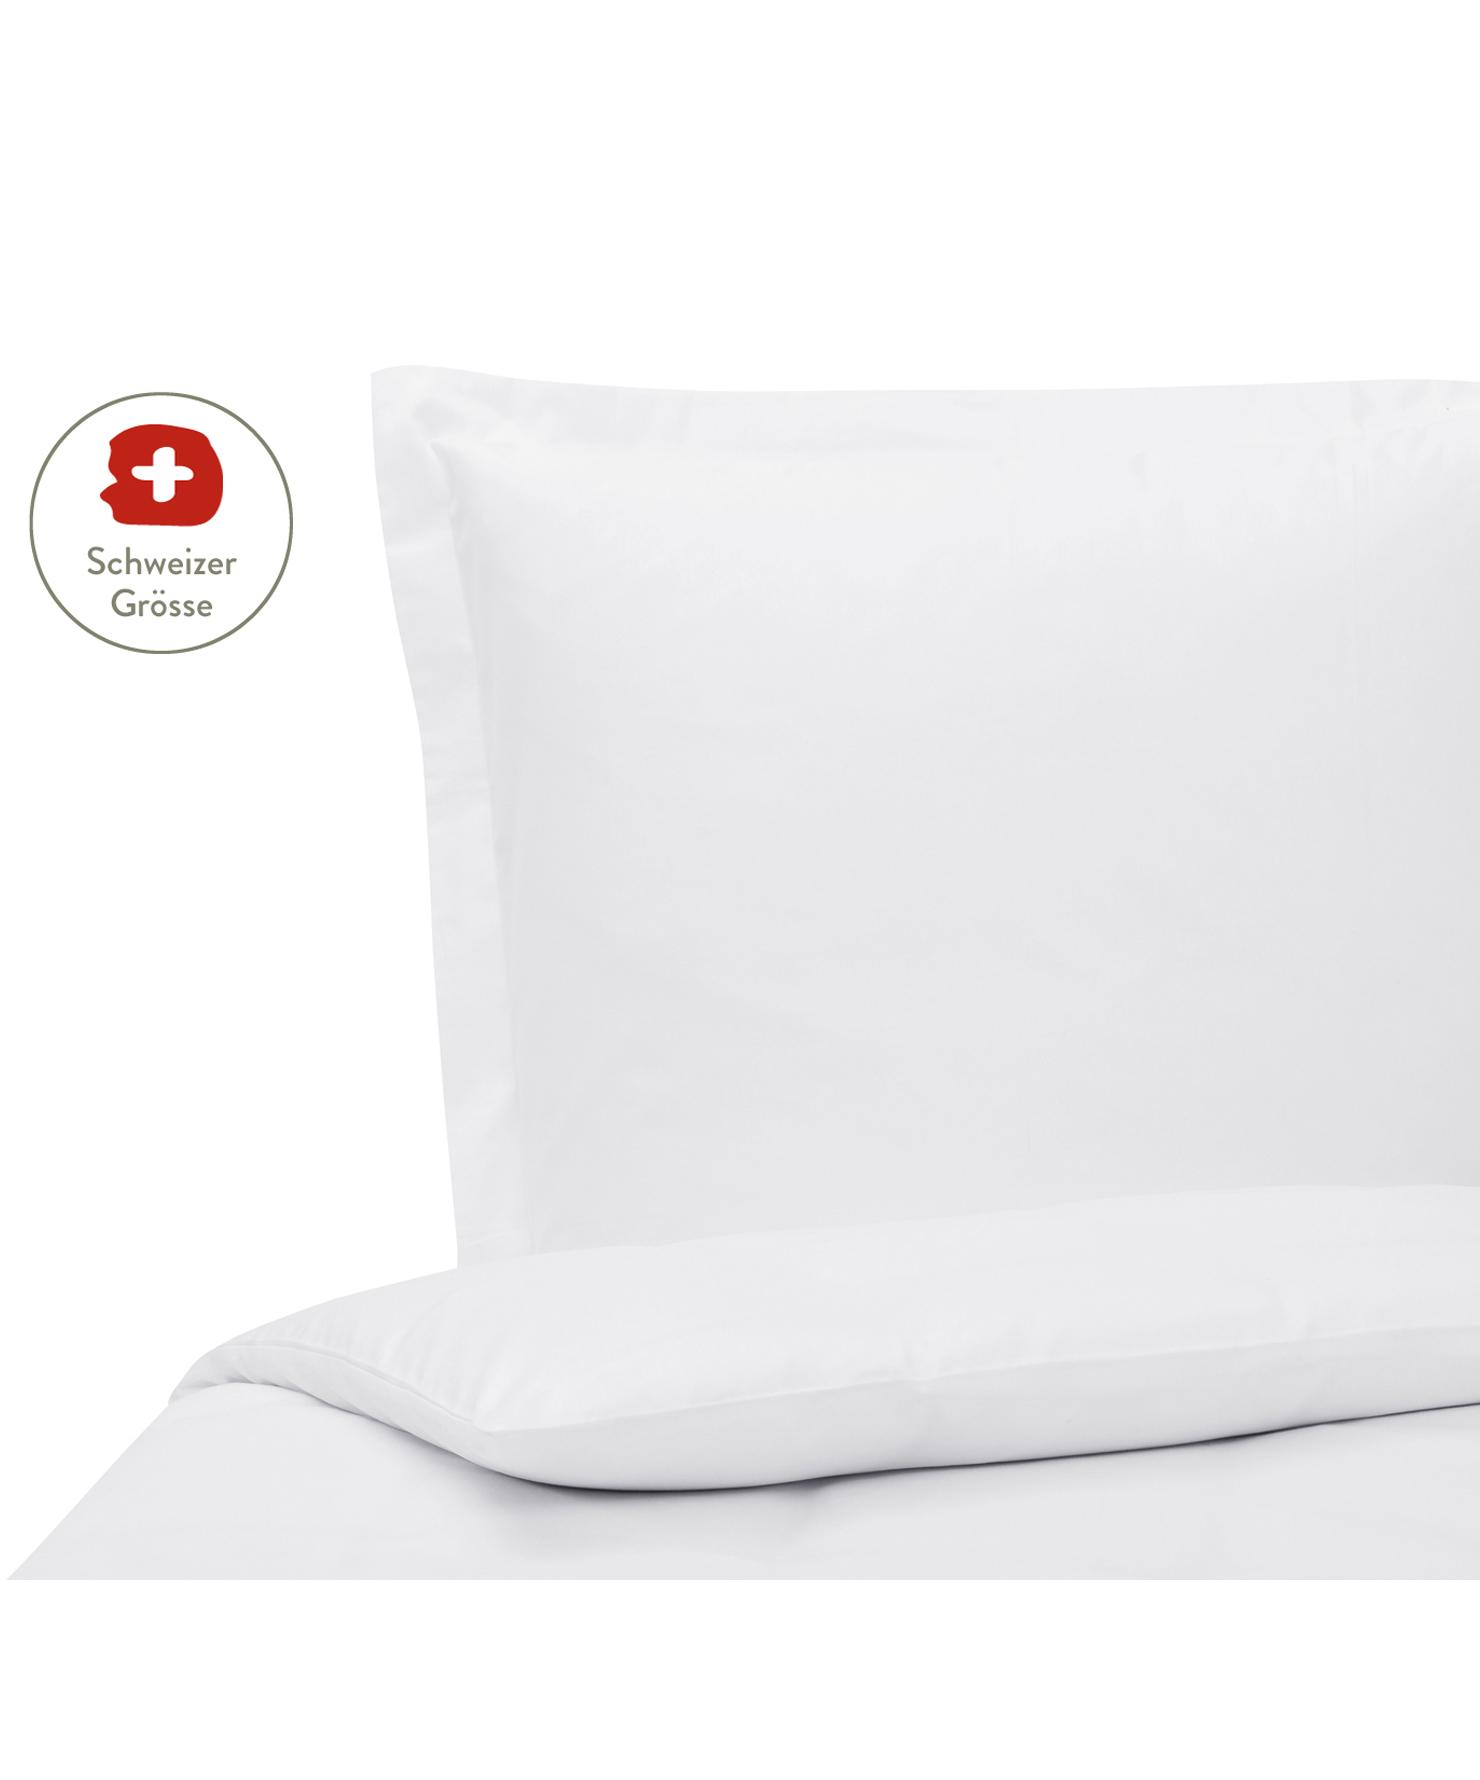 Baumwollsatin-Bettdeckenbezug Premium in Weiss mit Stehsaum, Webart: Satin, leicht glänzend Fa, Weiss, 160 x 210 cm